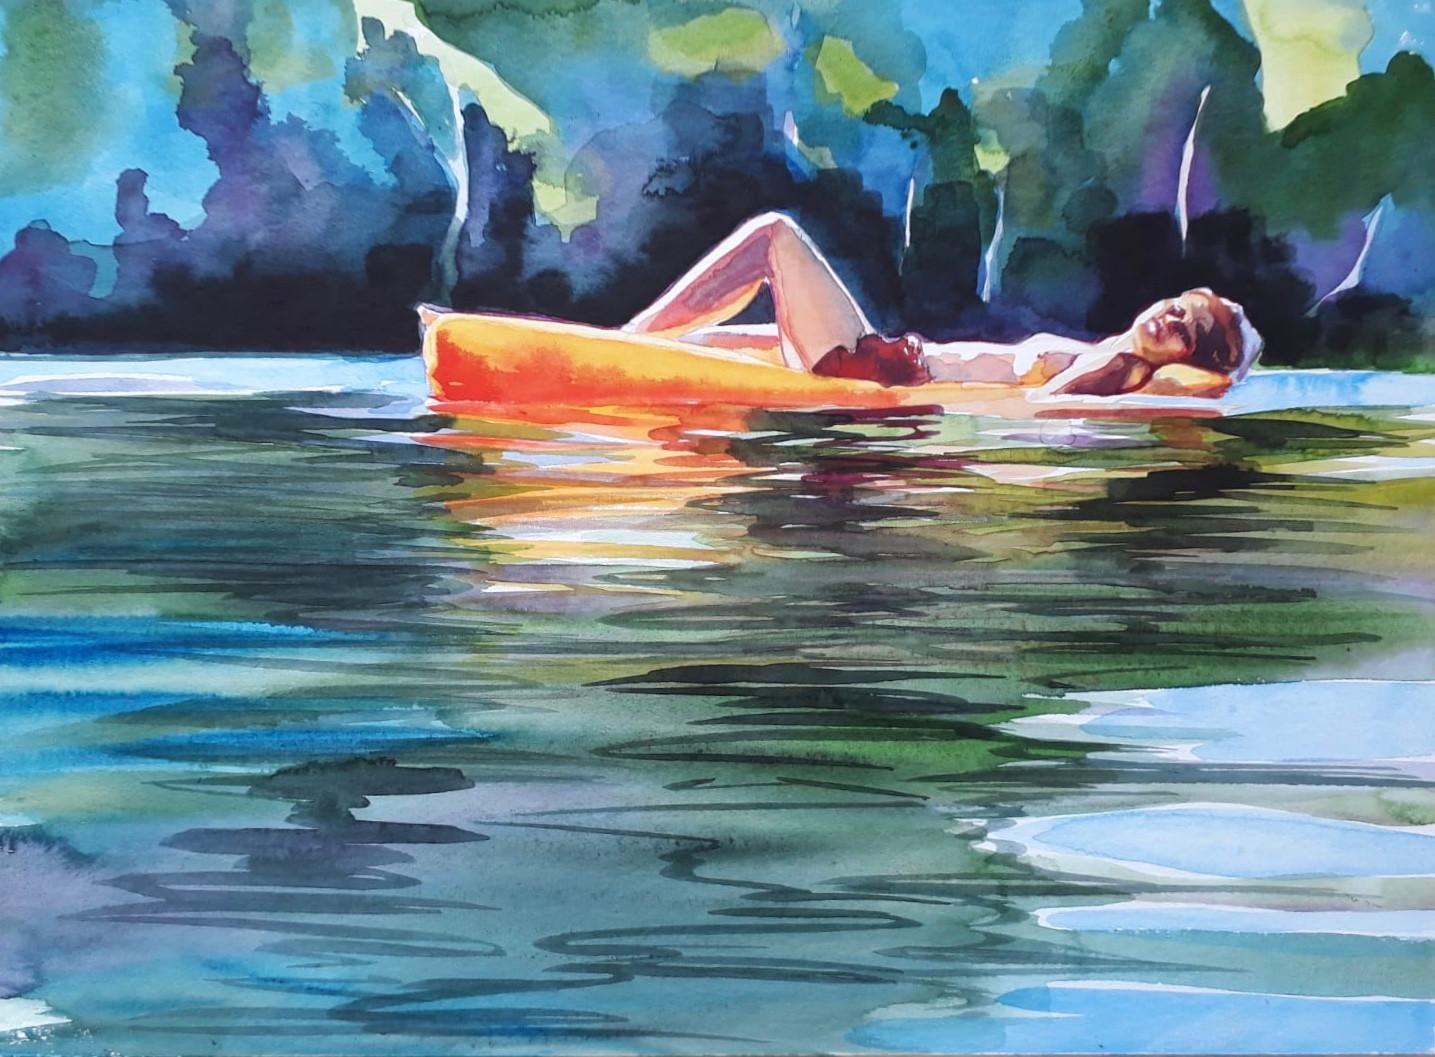 Cameron Rudd Schlachtensee III 2019 Aquarellfarbe auf Papier 50 x 60 cm gerahmt